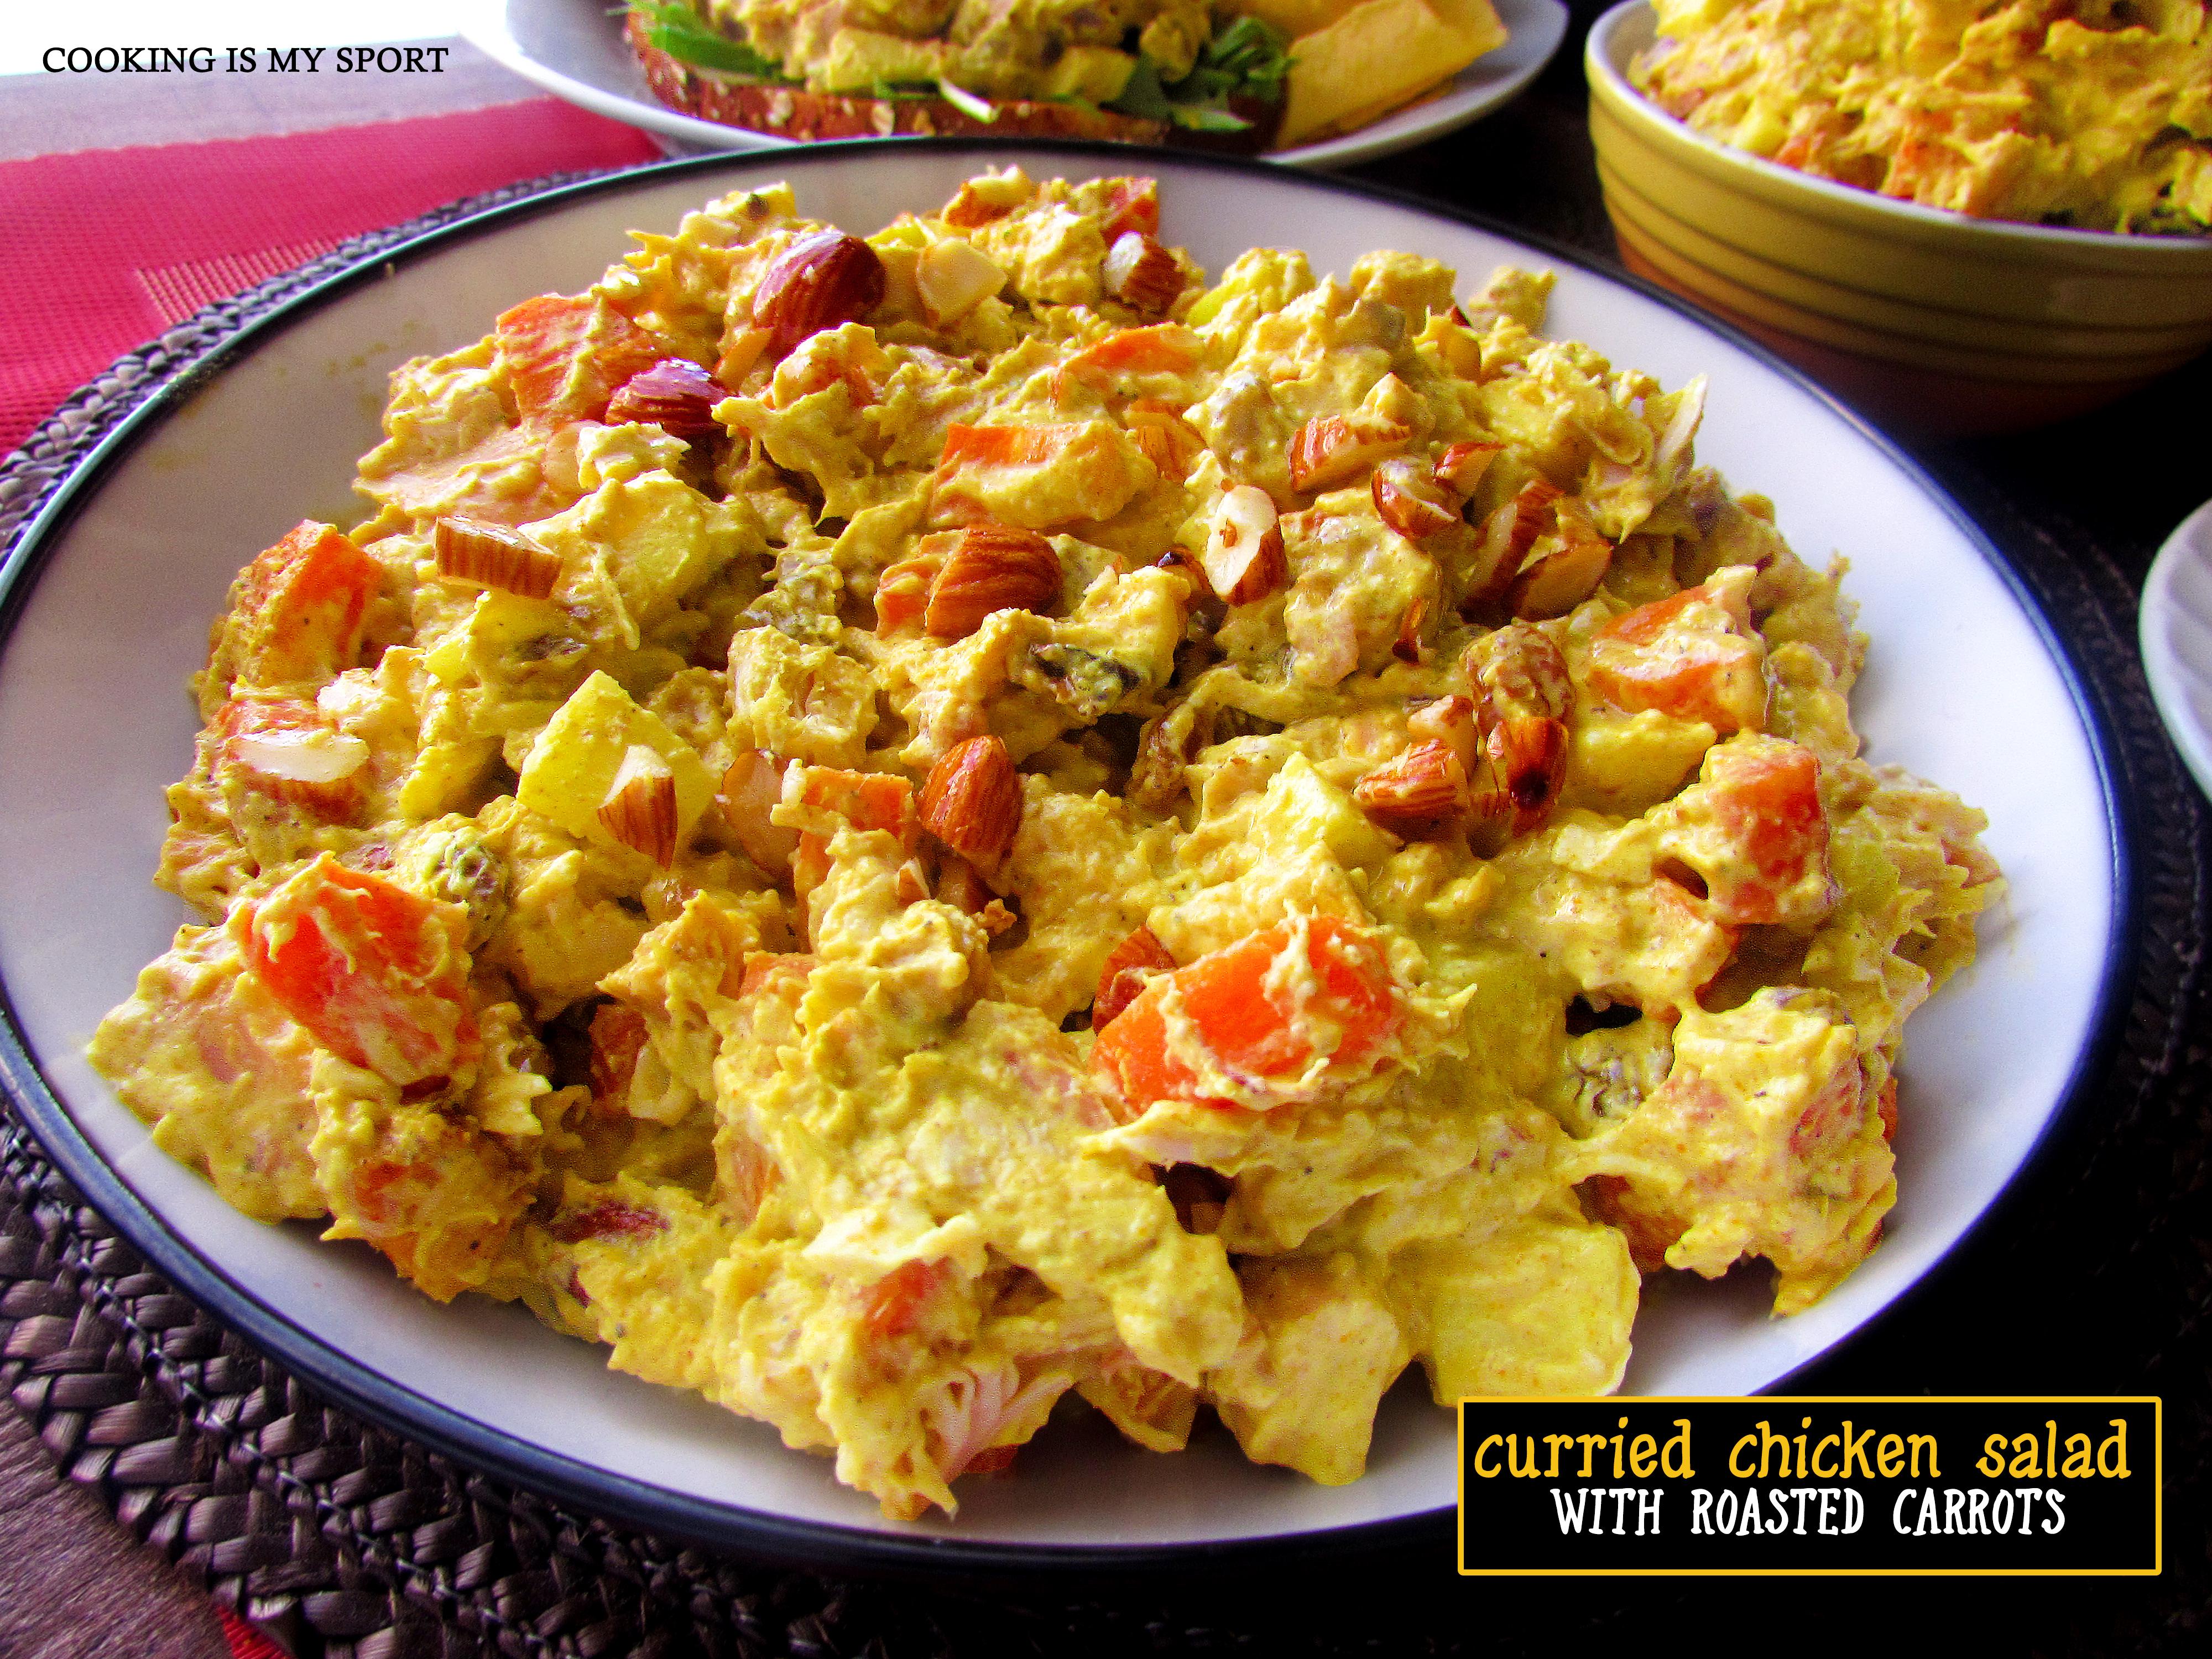 Curried Chicken Salad1